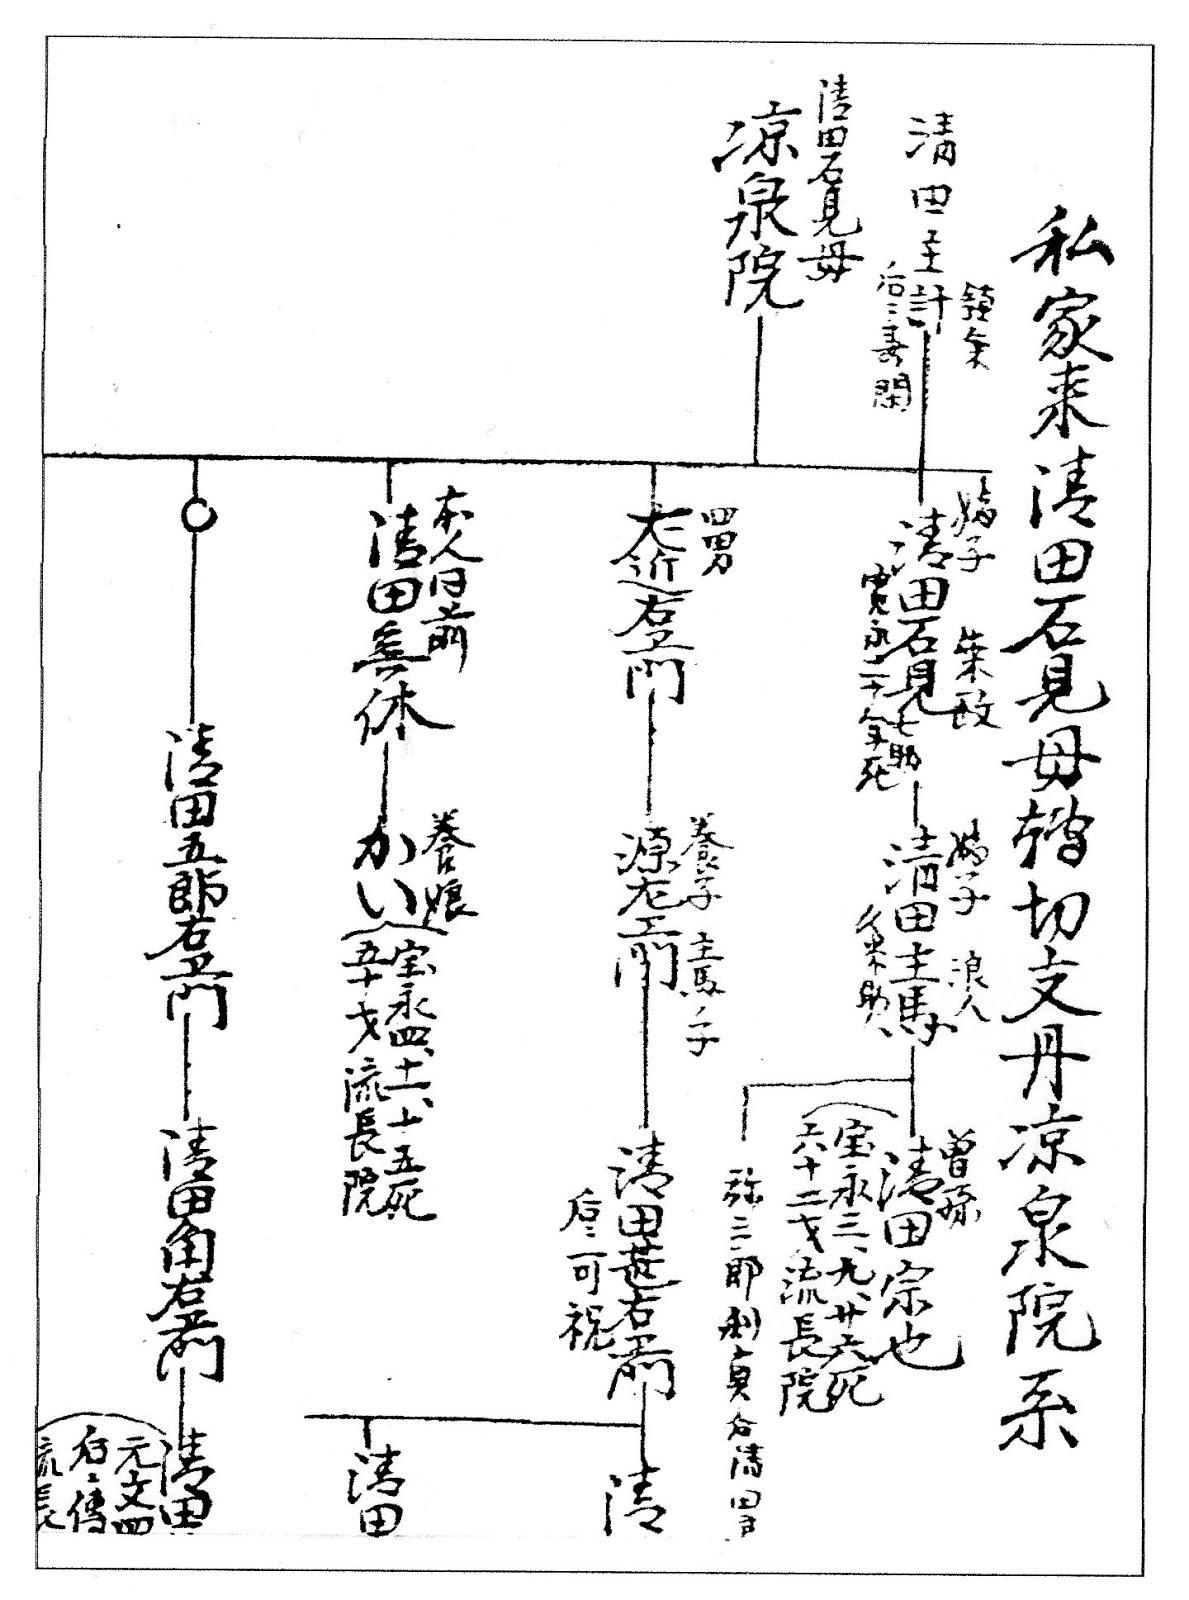 花久留守―宮本次人キリシタン史研究ブログ: 清田鎮忠 ...